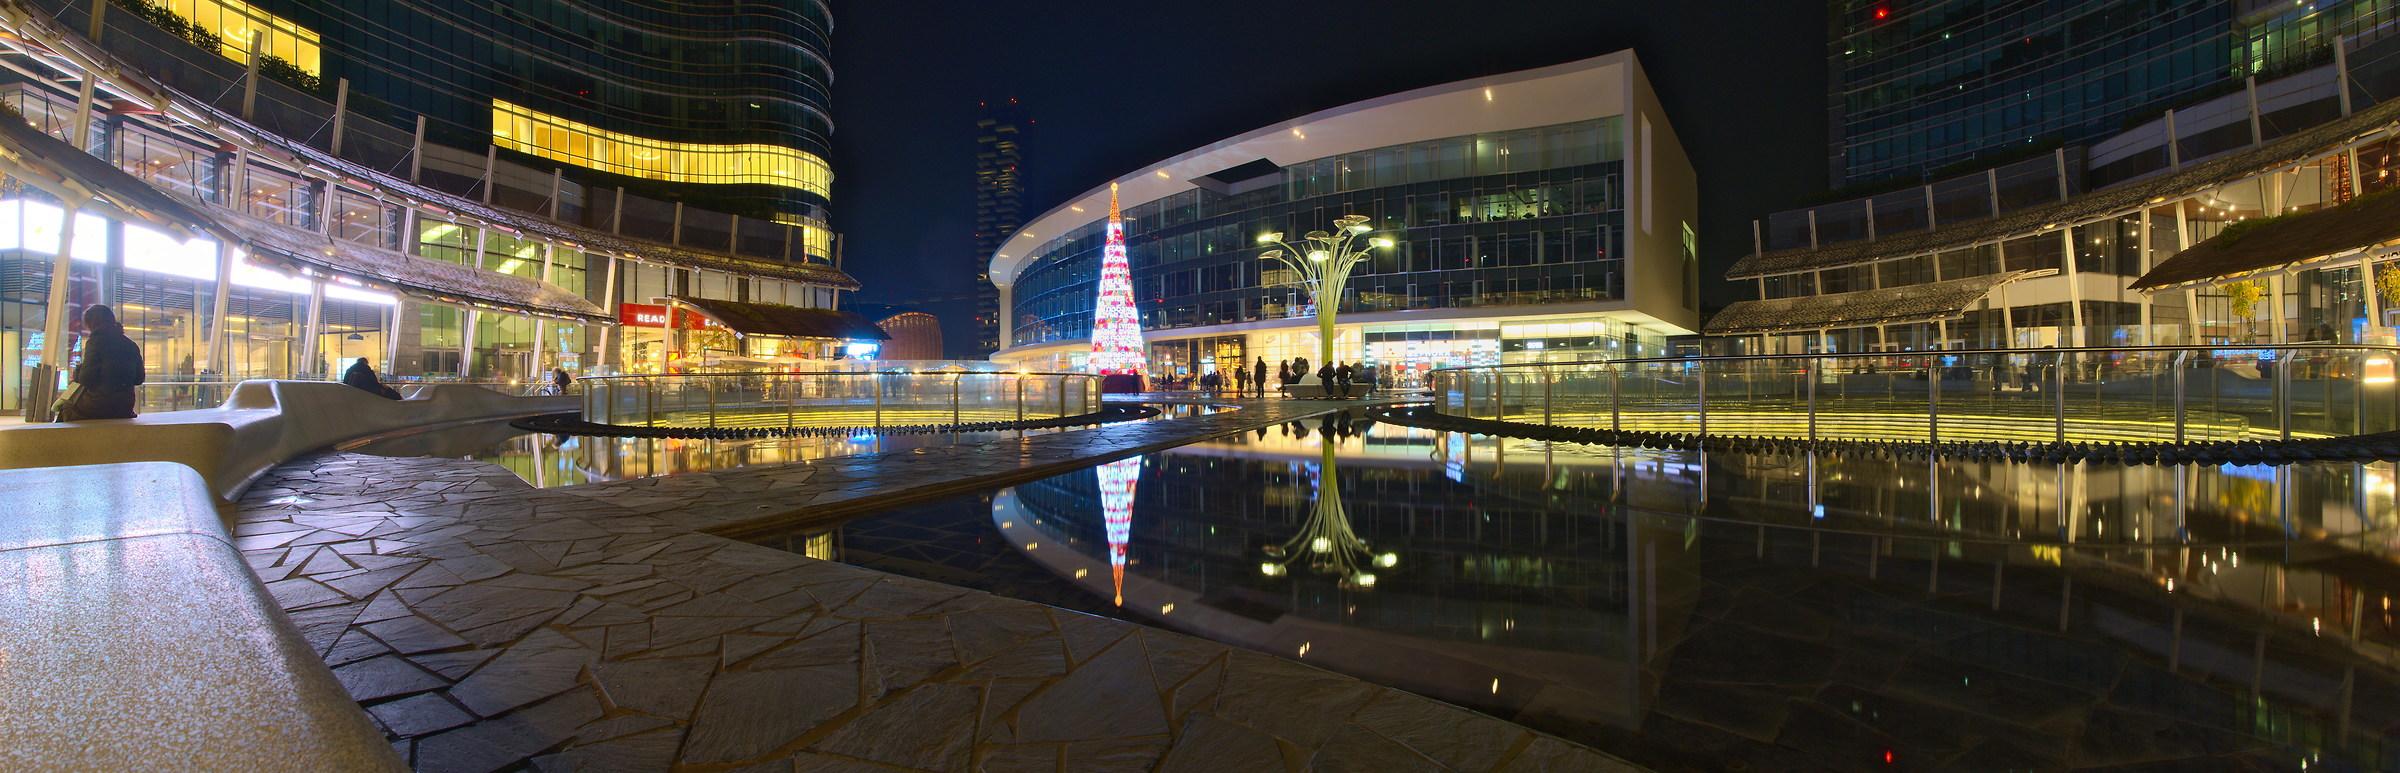 Piazza Gae Aulenti - Natale 2015...